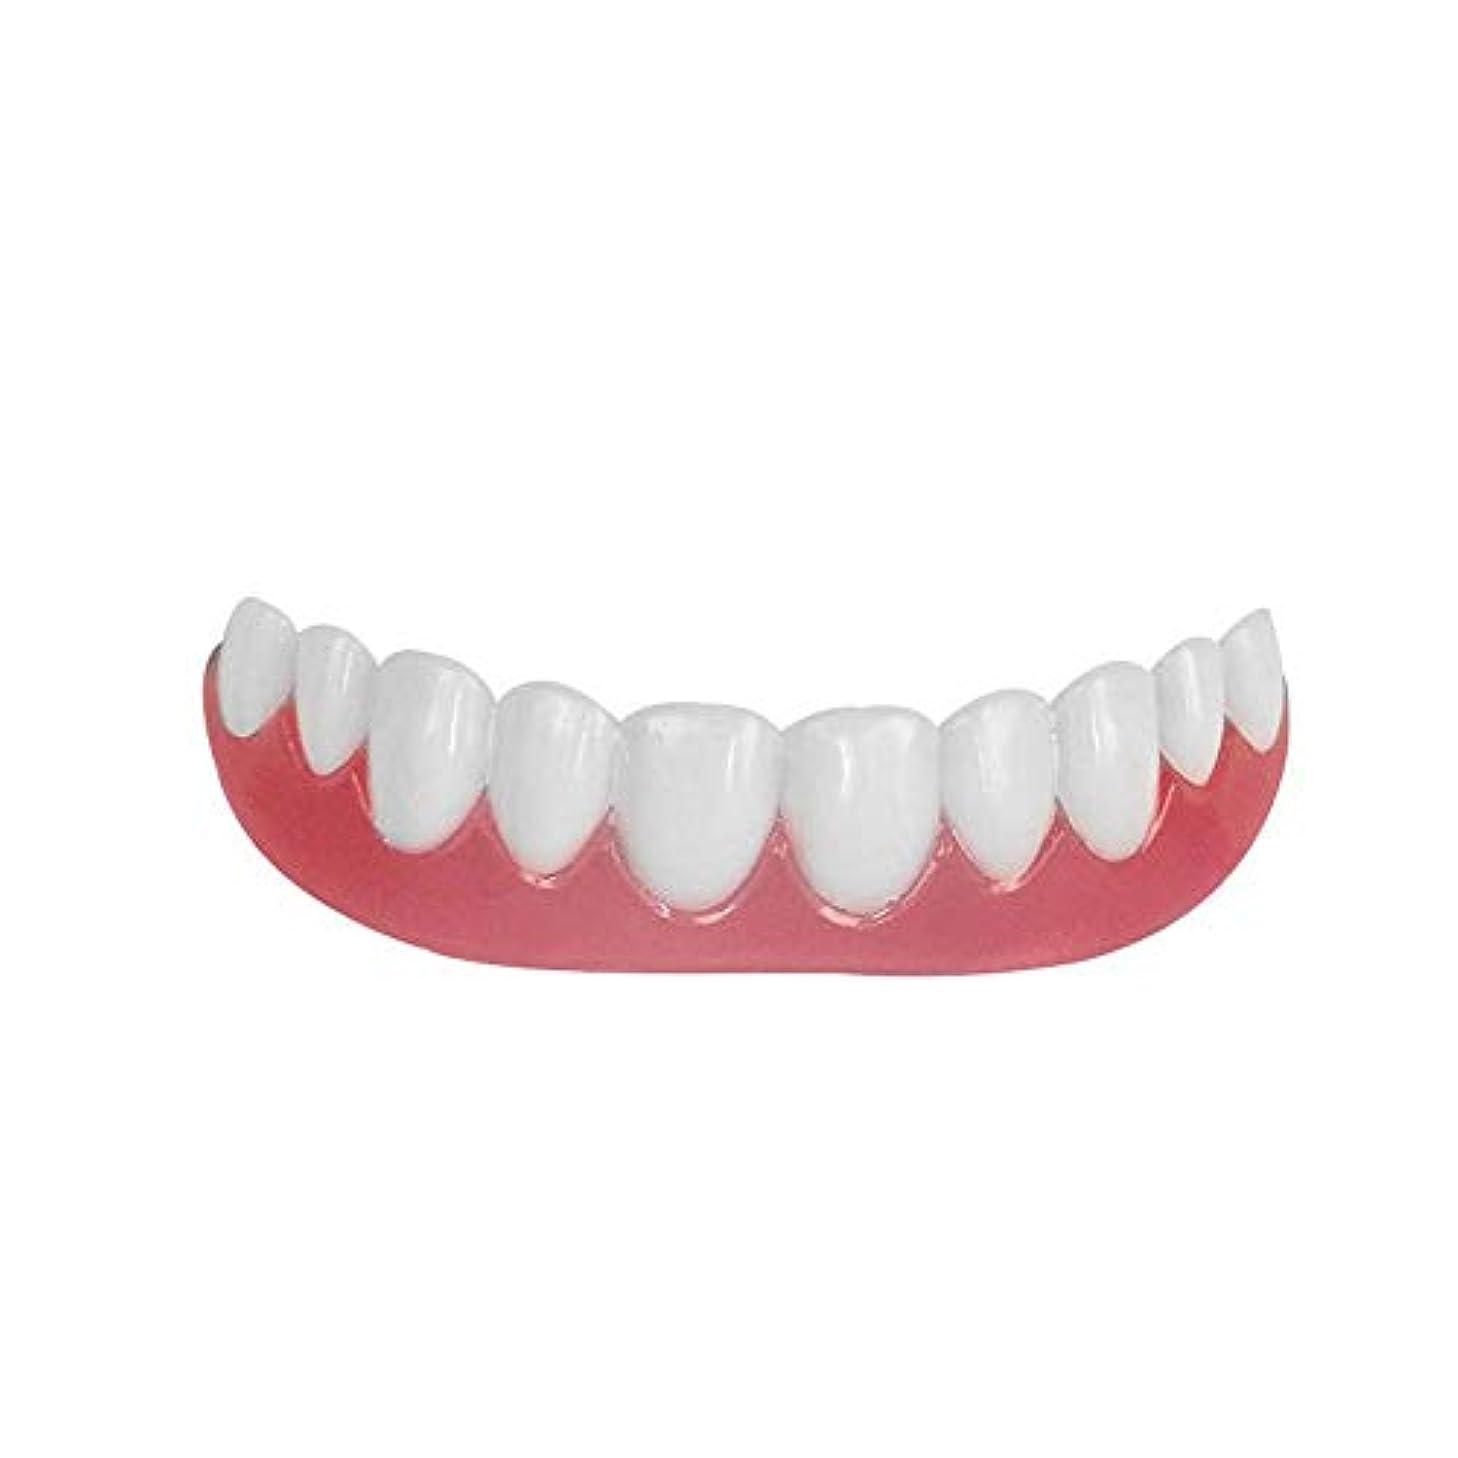 老朽化した効率的に稚魚シリコーン模擬歯上歯、ホワイトニングデンタルステッカー、歯ホワイトニングセット(3pcs),A